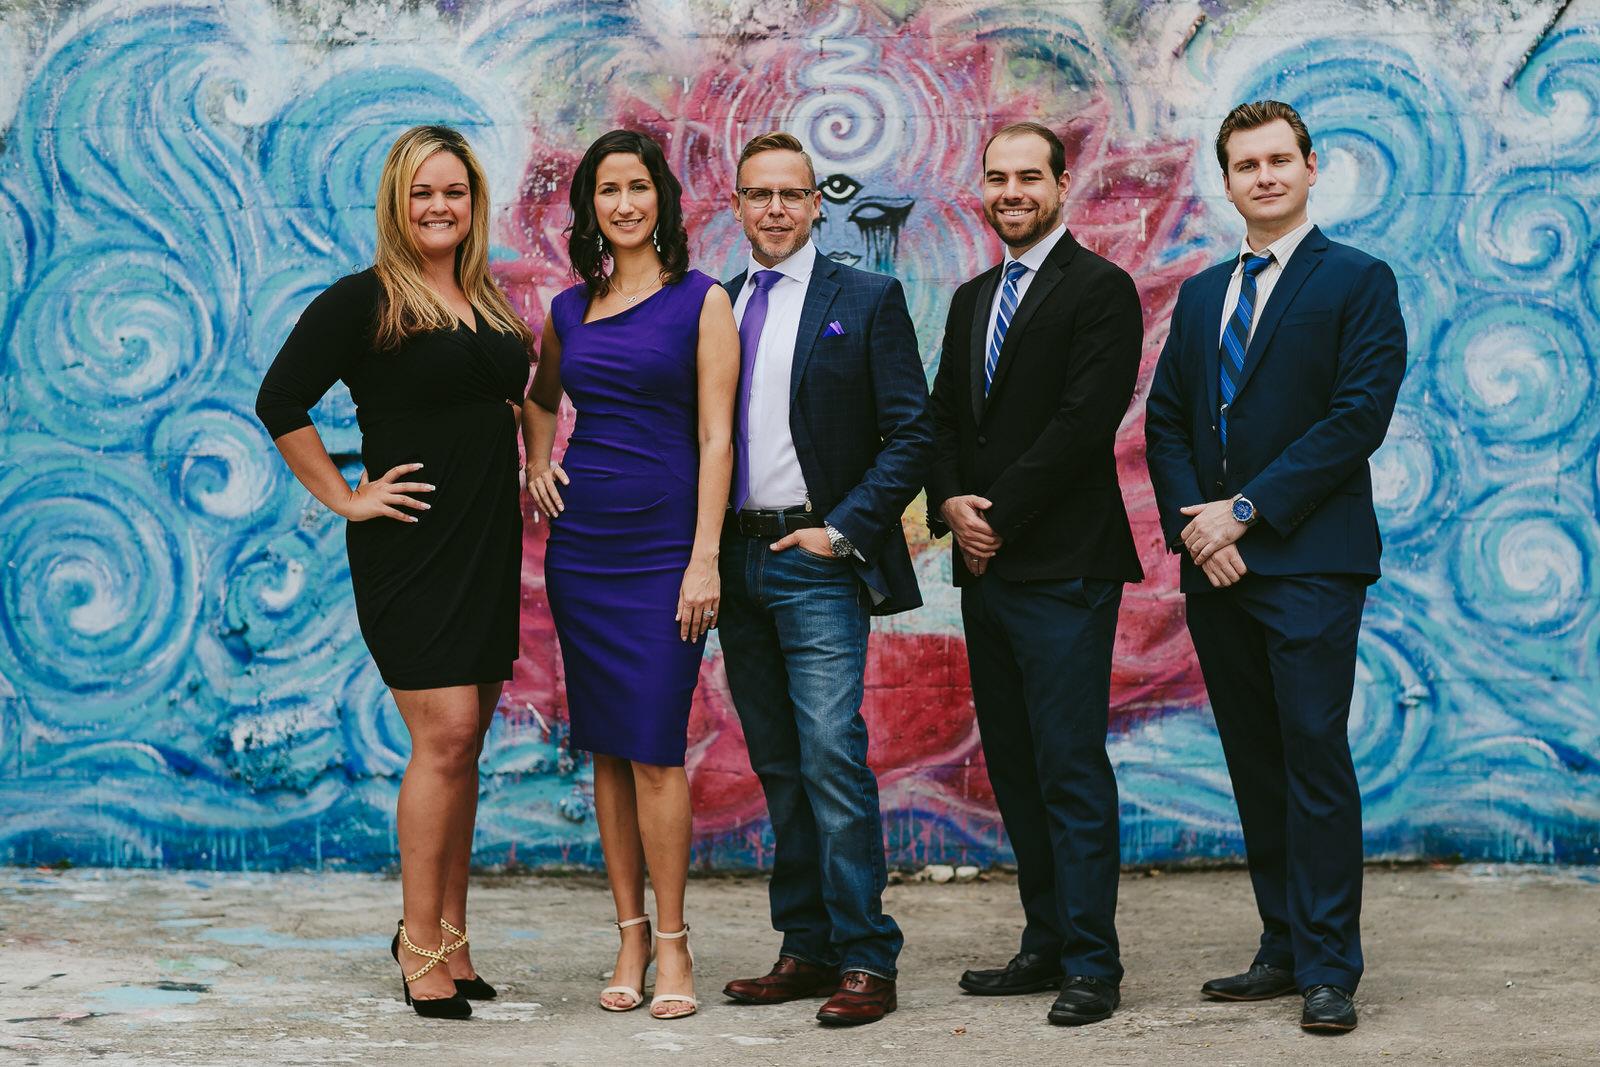 Business_Branding_Portraits_Purplewing_Fort_Lauderdale-14.jpg